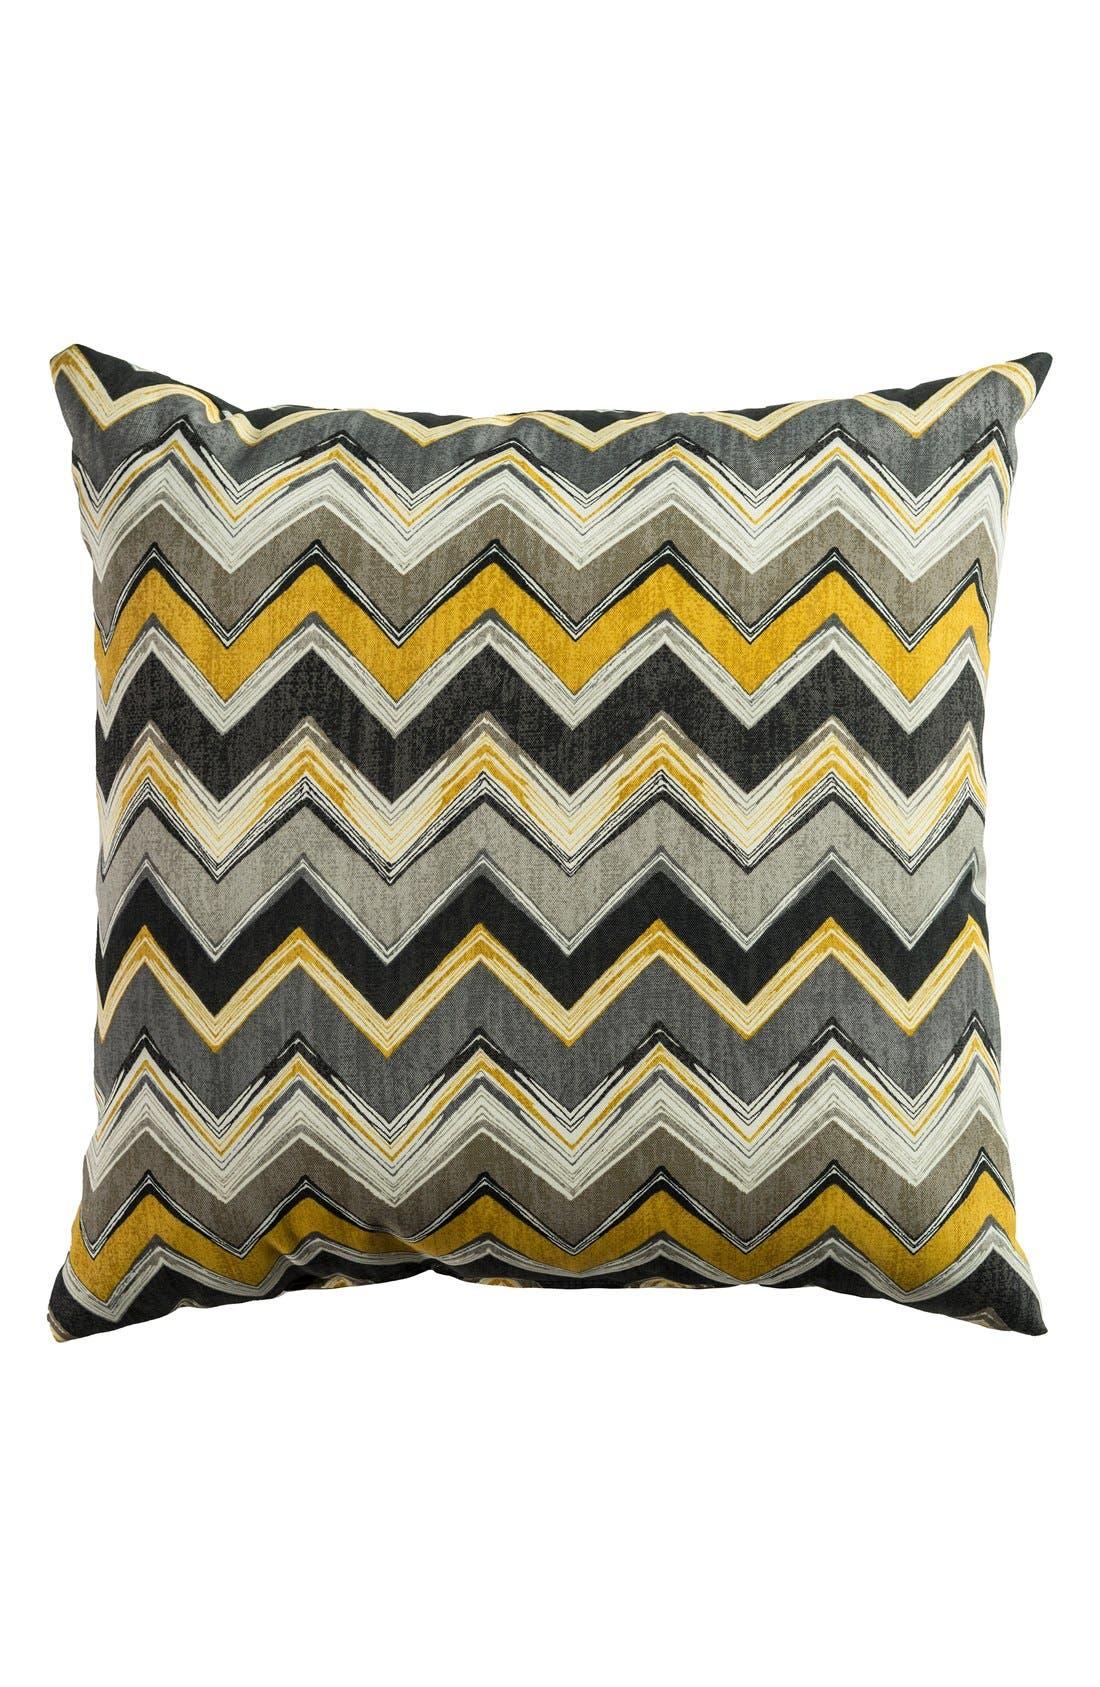 Chevron Outdoor Pillow,                             Main thumbnail 7, color,